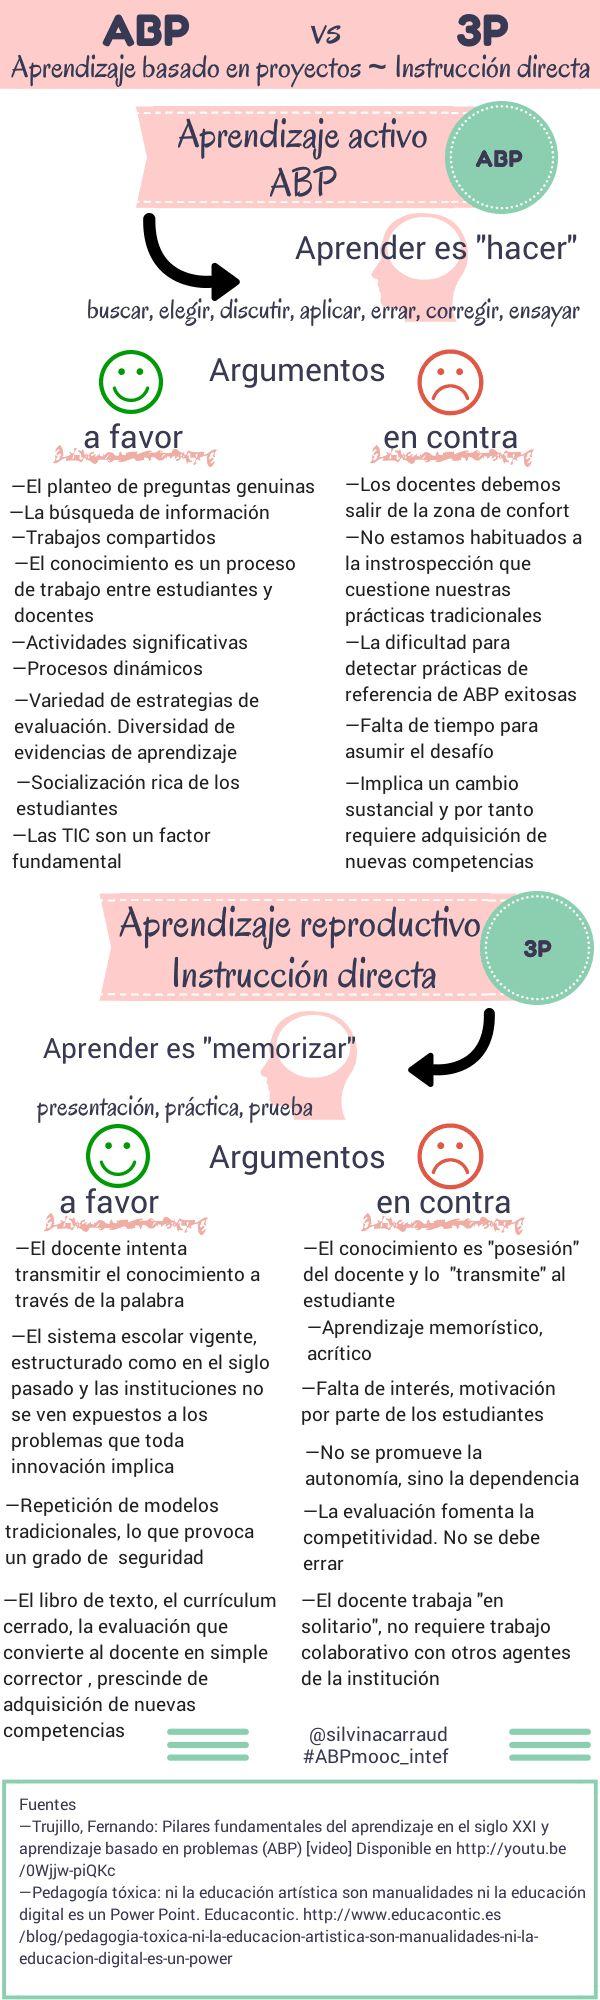 AprendizajeBasadoProyectosVsInstrucciónDirecta-Infografía-BlogGesvin